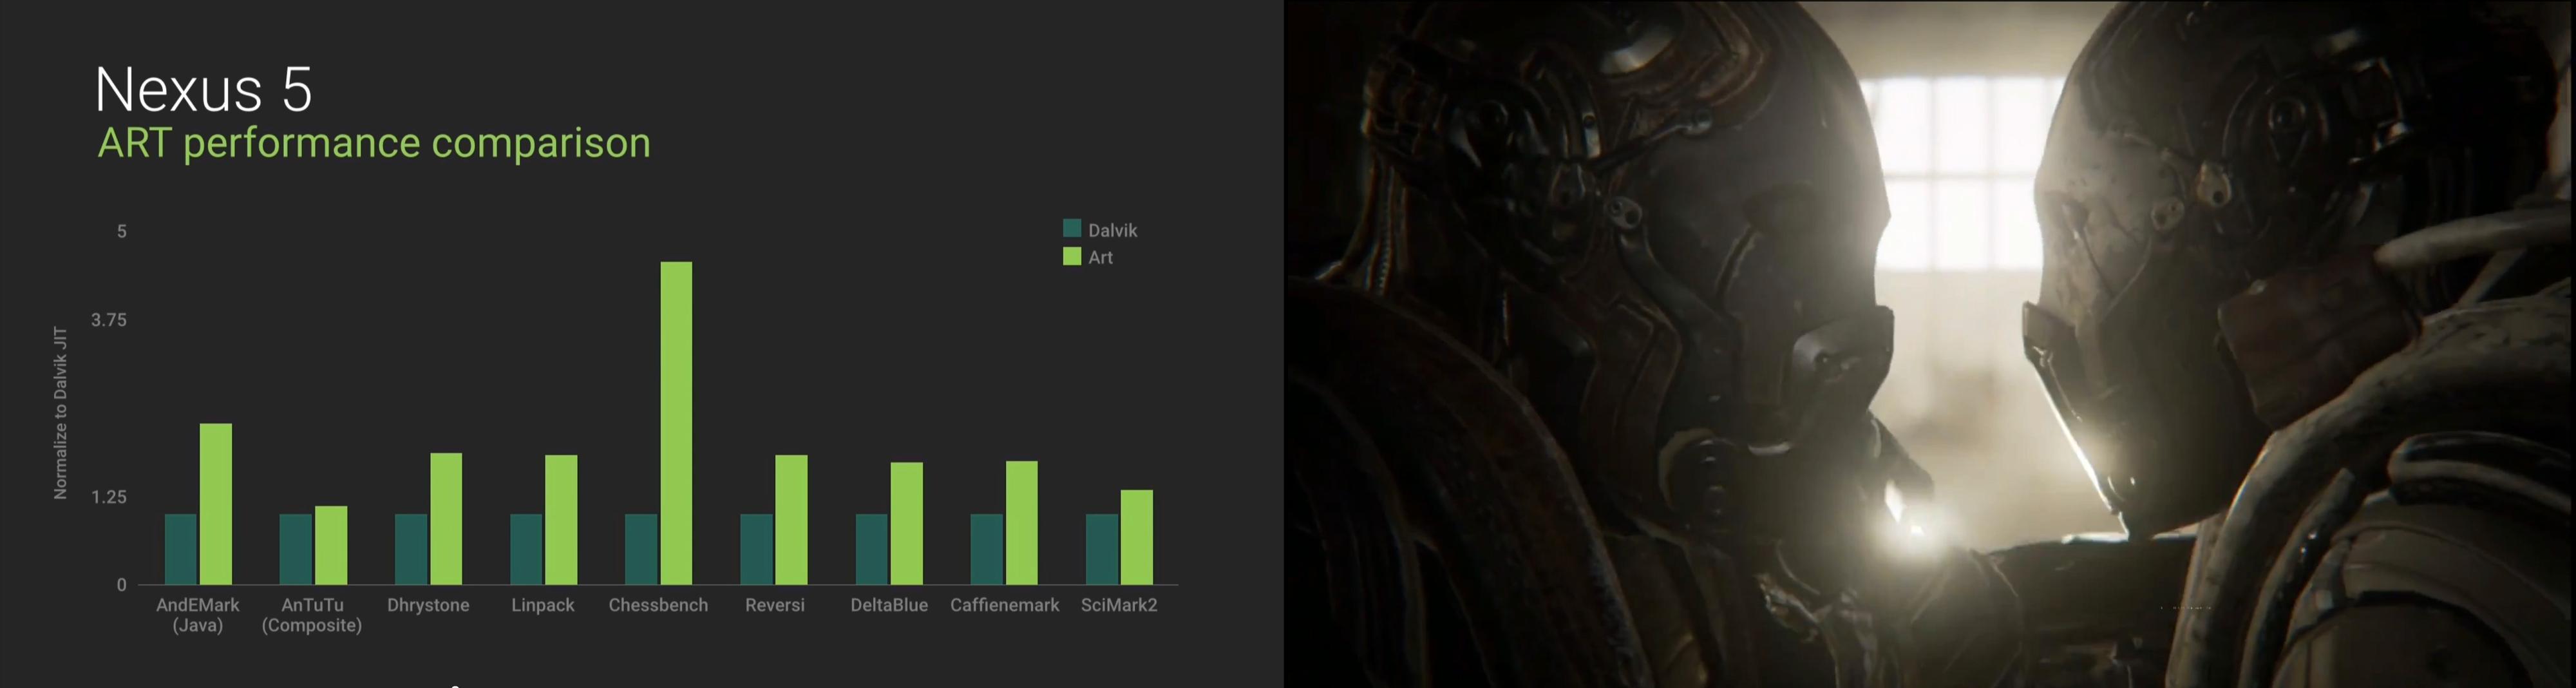 Slik presenterer Google ytelseshoppet overgangen fra Dalvik til ART vil medføre. Den samlede ytelsesøkningen i hele Android skal kunne tillate konsollkvalitet på spill, noe de demonstrerte ved å kjøre Epics spillmotor Unreal 4 på et referansenettbrett fra Nvidia.Foto: Skjermdump/Google